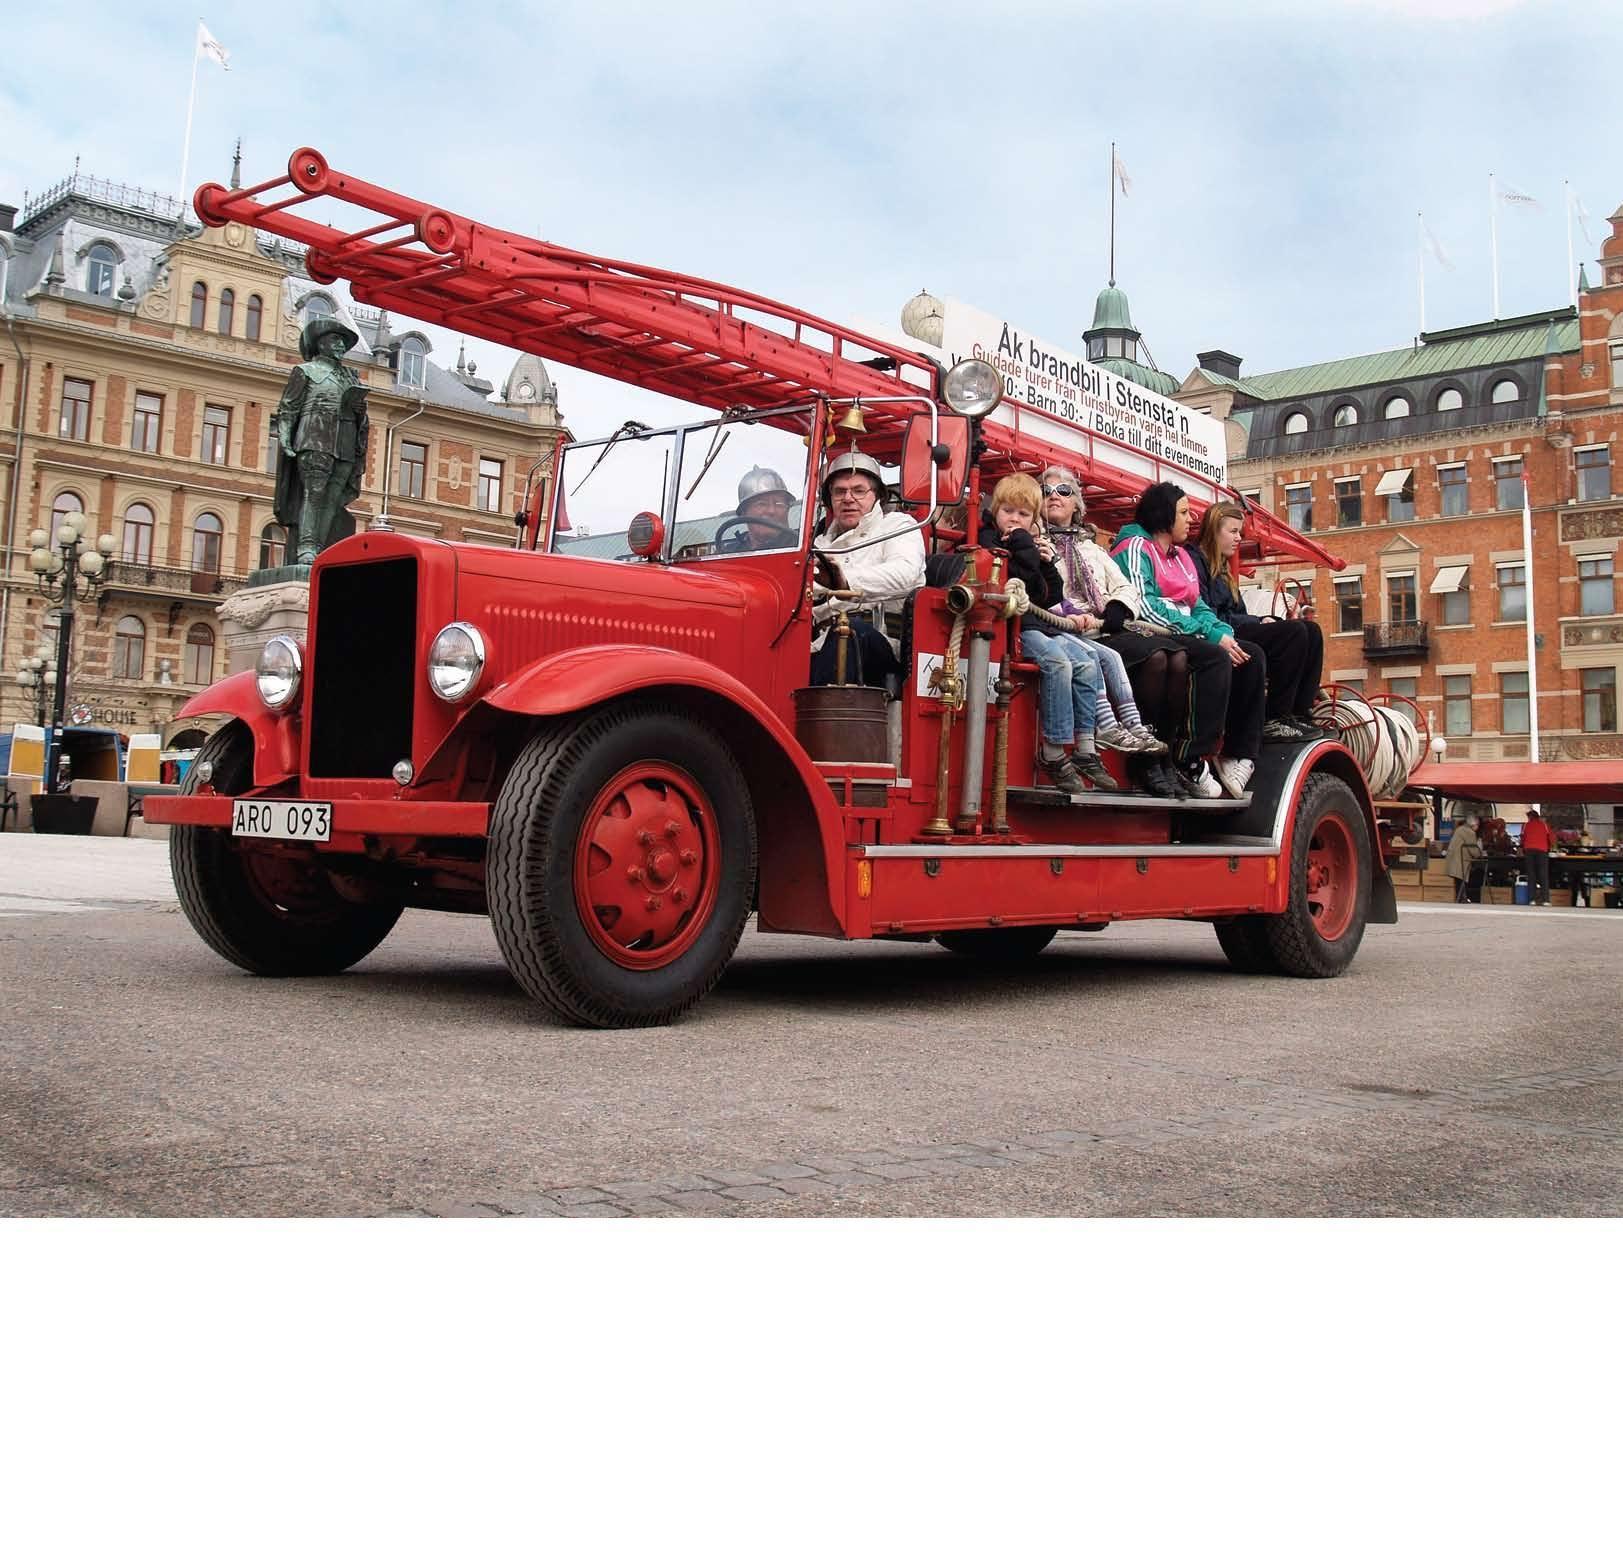 Guided Firetruck tour